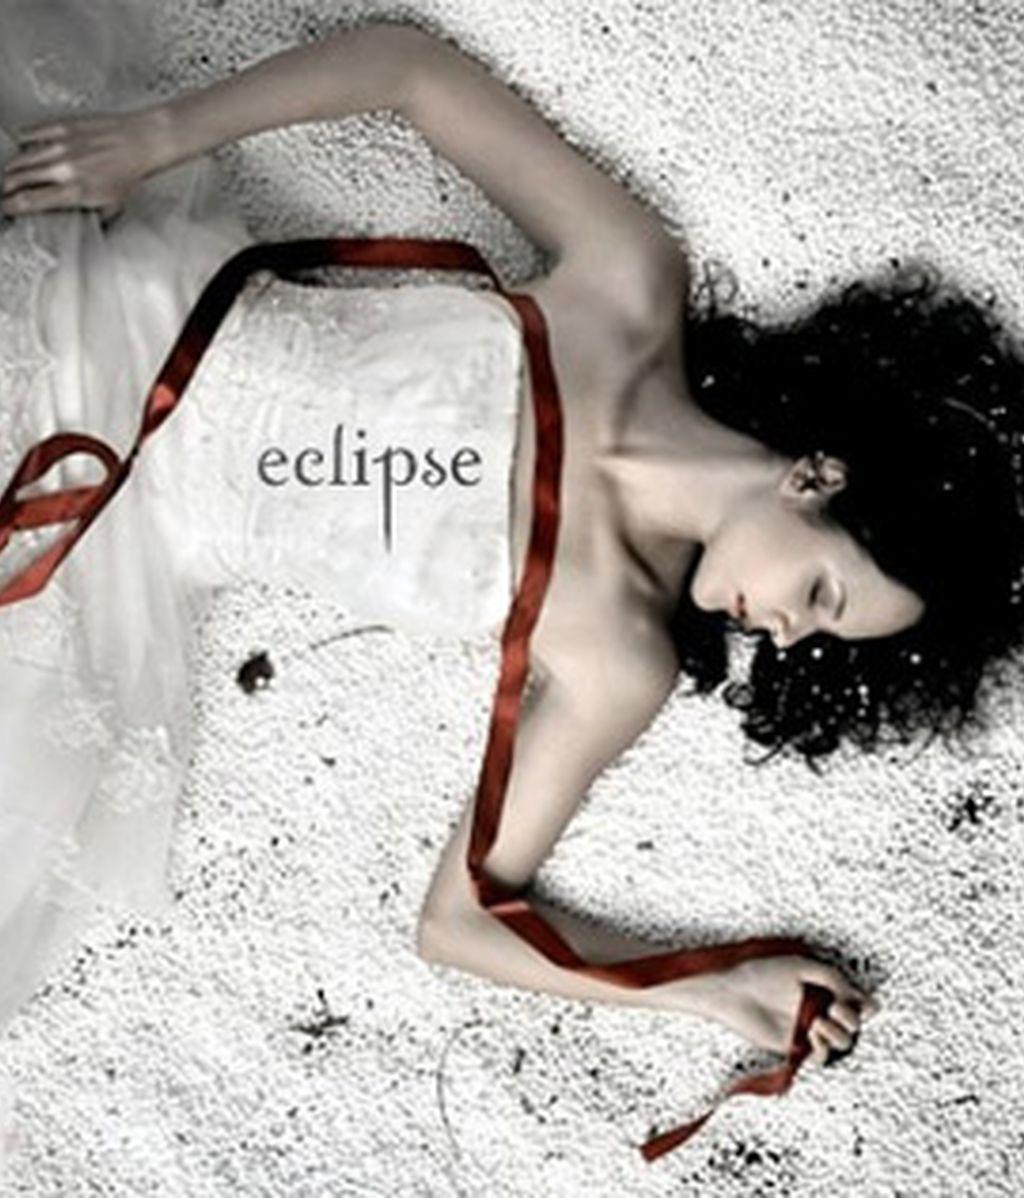 En poco más de siete meses, llegará la tercera parte de 'Crepúsculo' a los cines. Foto: Summit Entertainment.